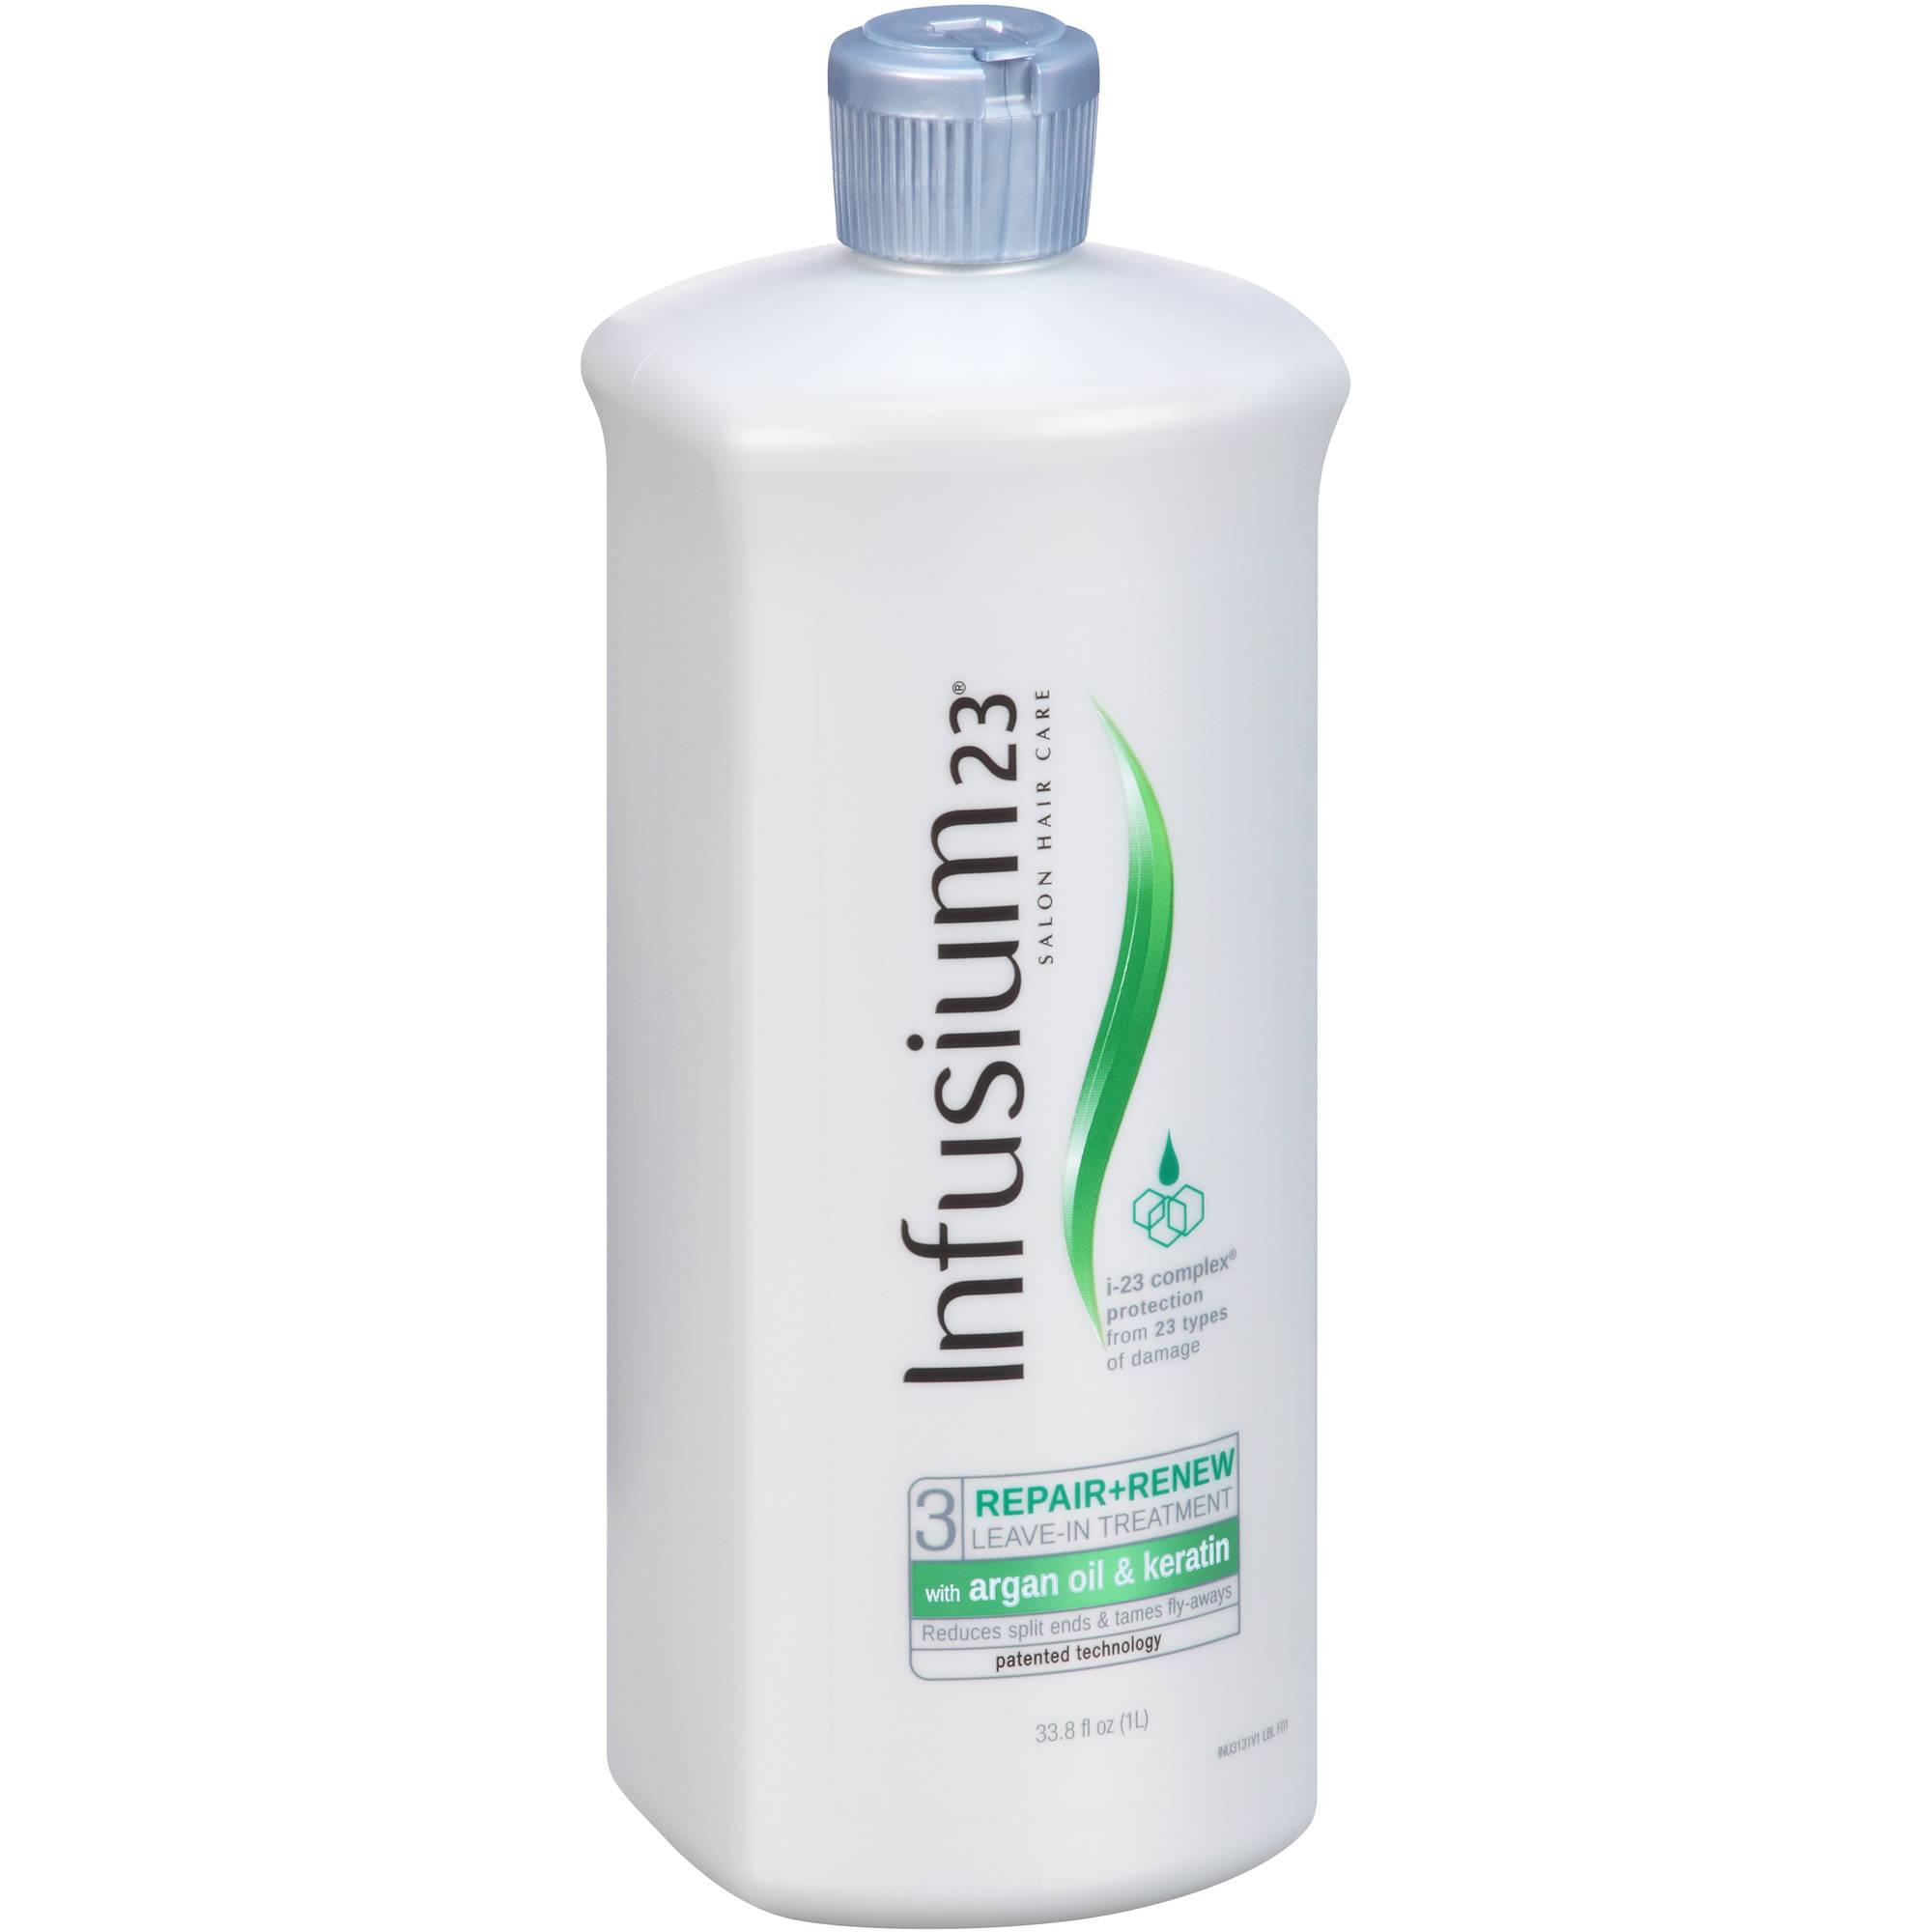 Infusium 23 Repair & Renew 3 Leave-In Treatment, 33.8 oz